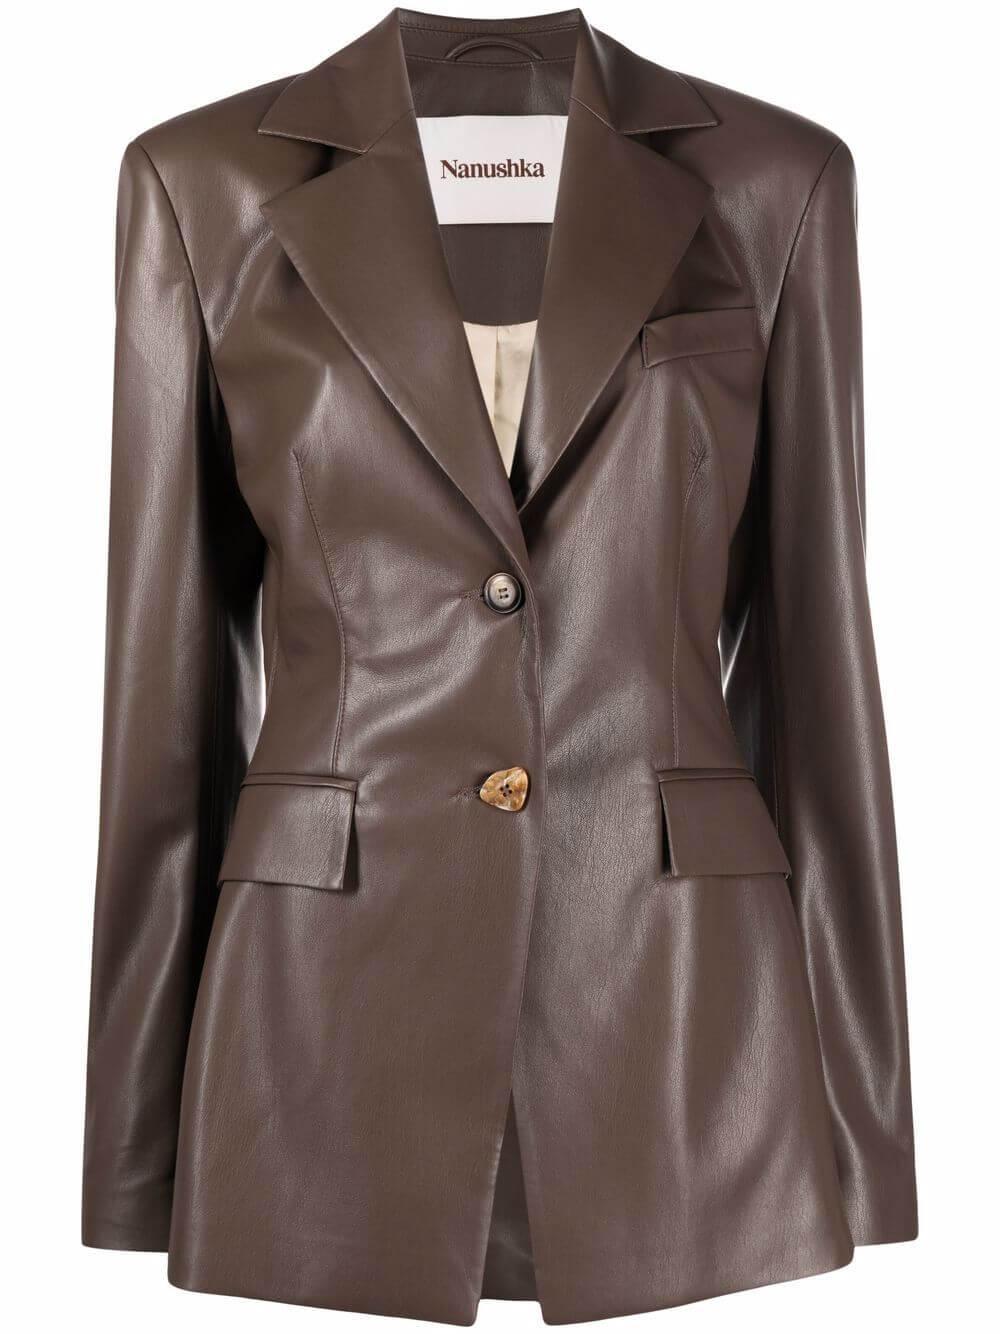 Hathi Vegan Leather Jacket Item # NW21FWJK00176